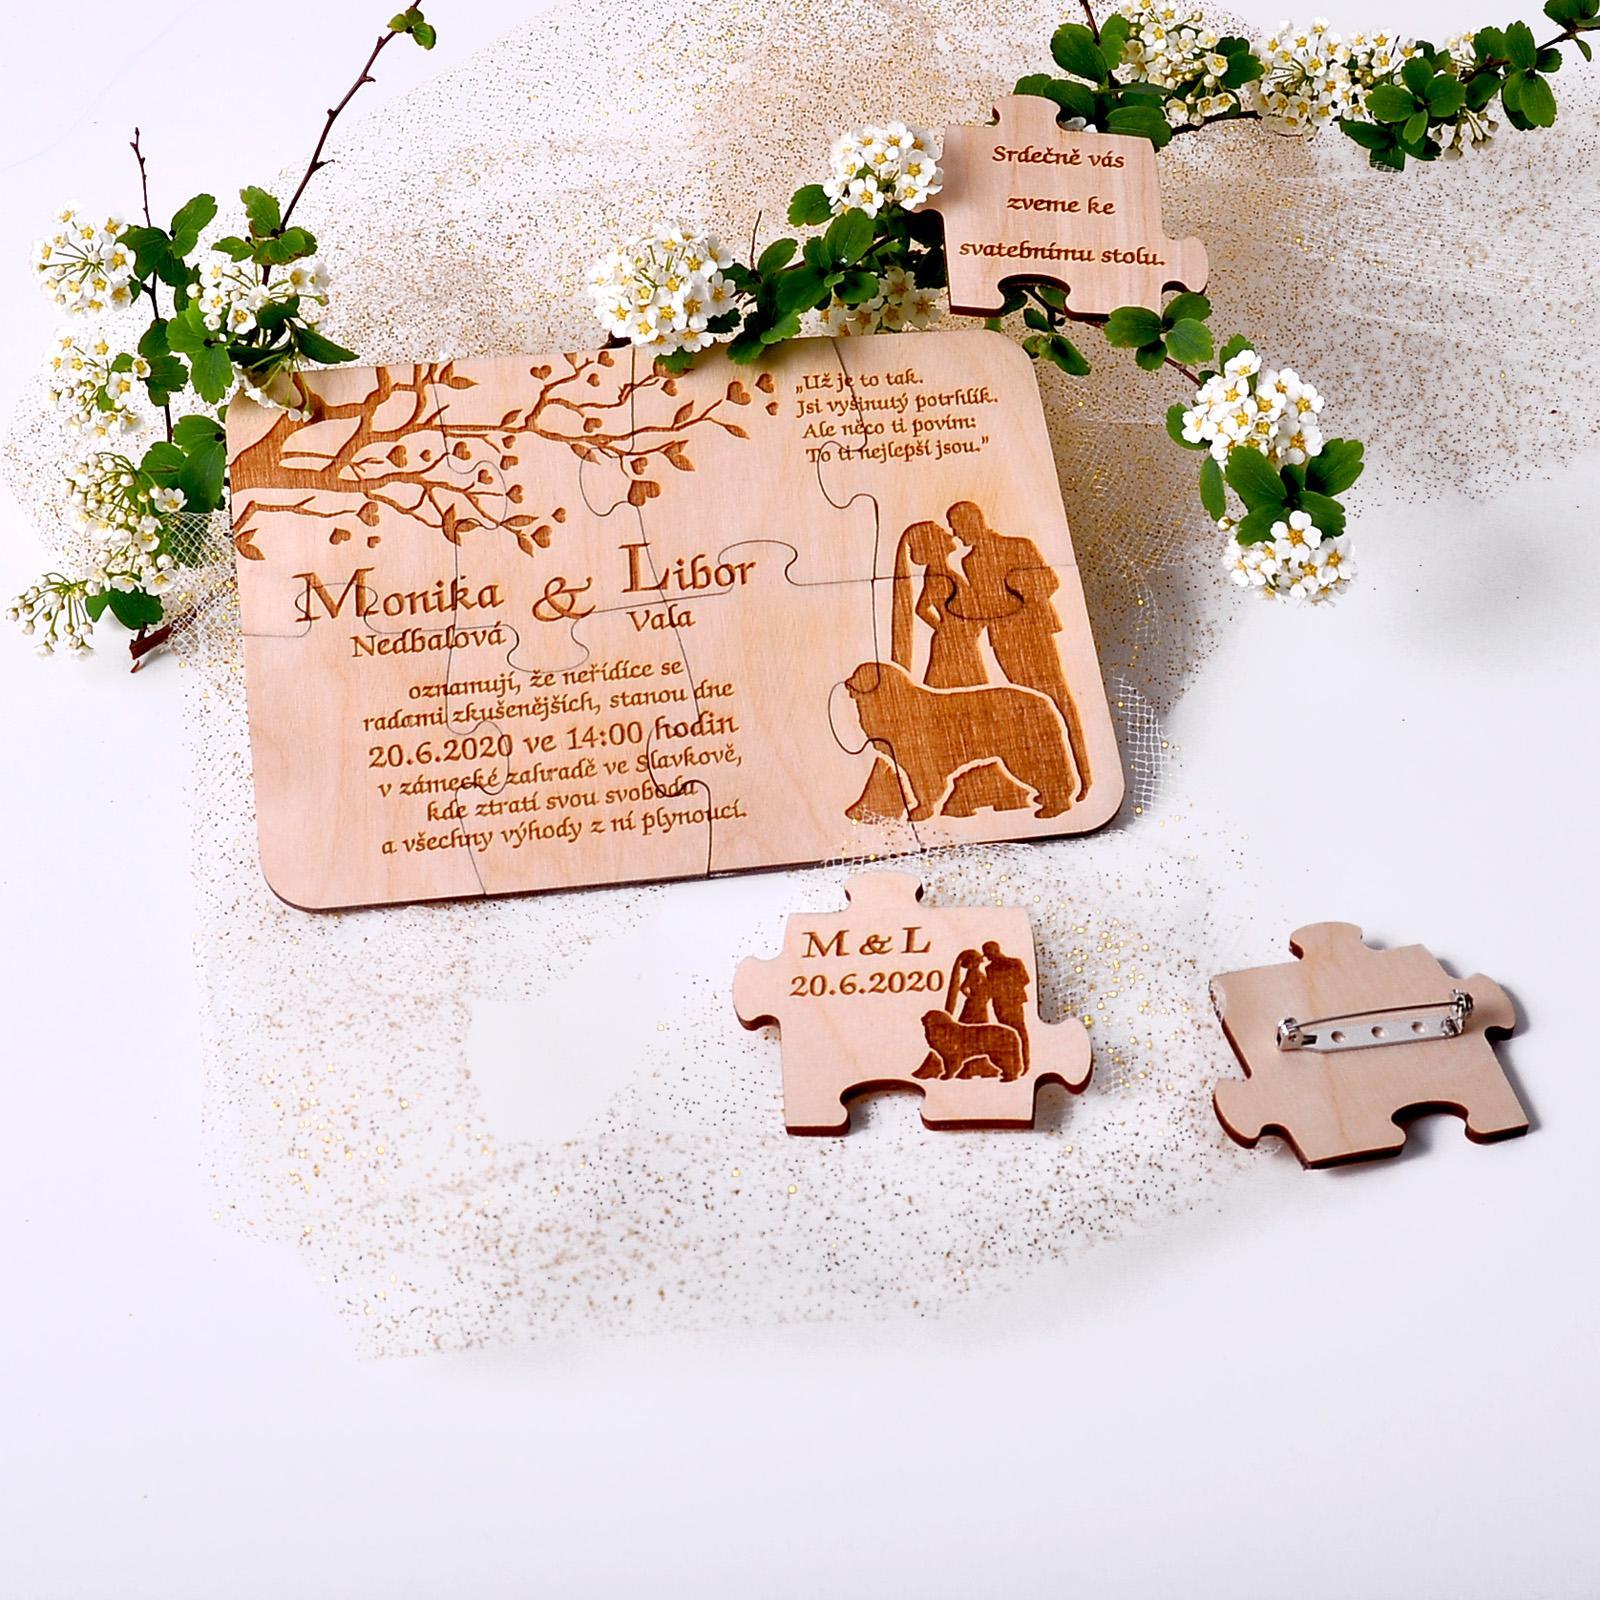 Svatební oznámení na míru přímo Vám :-) - precizní dřevěné svatební oznámení a mnoho dalších jedinečných doplňků na míru snoubencům www.slavnostnichvile.cz